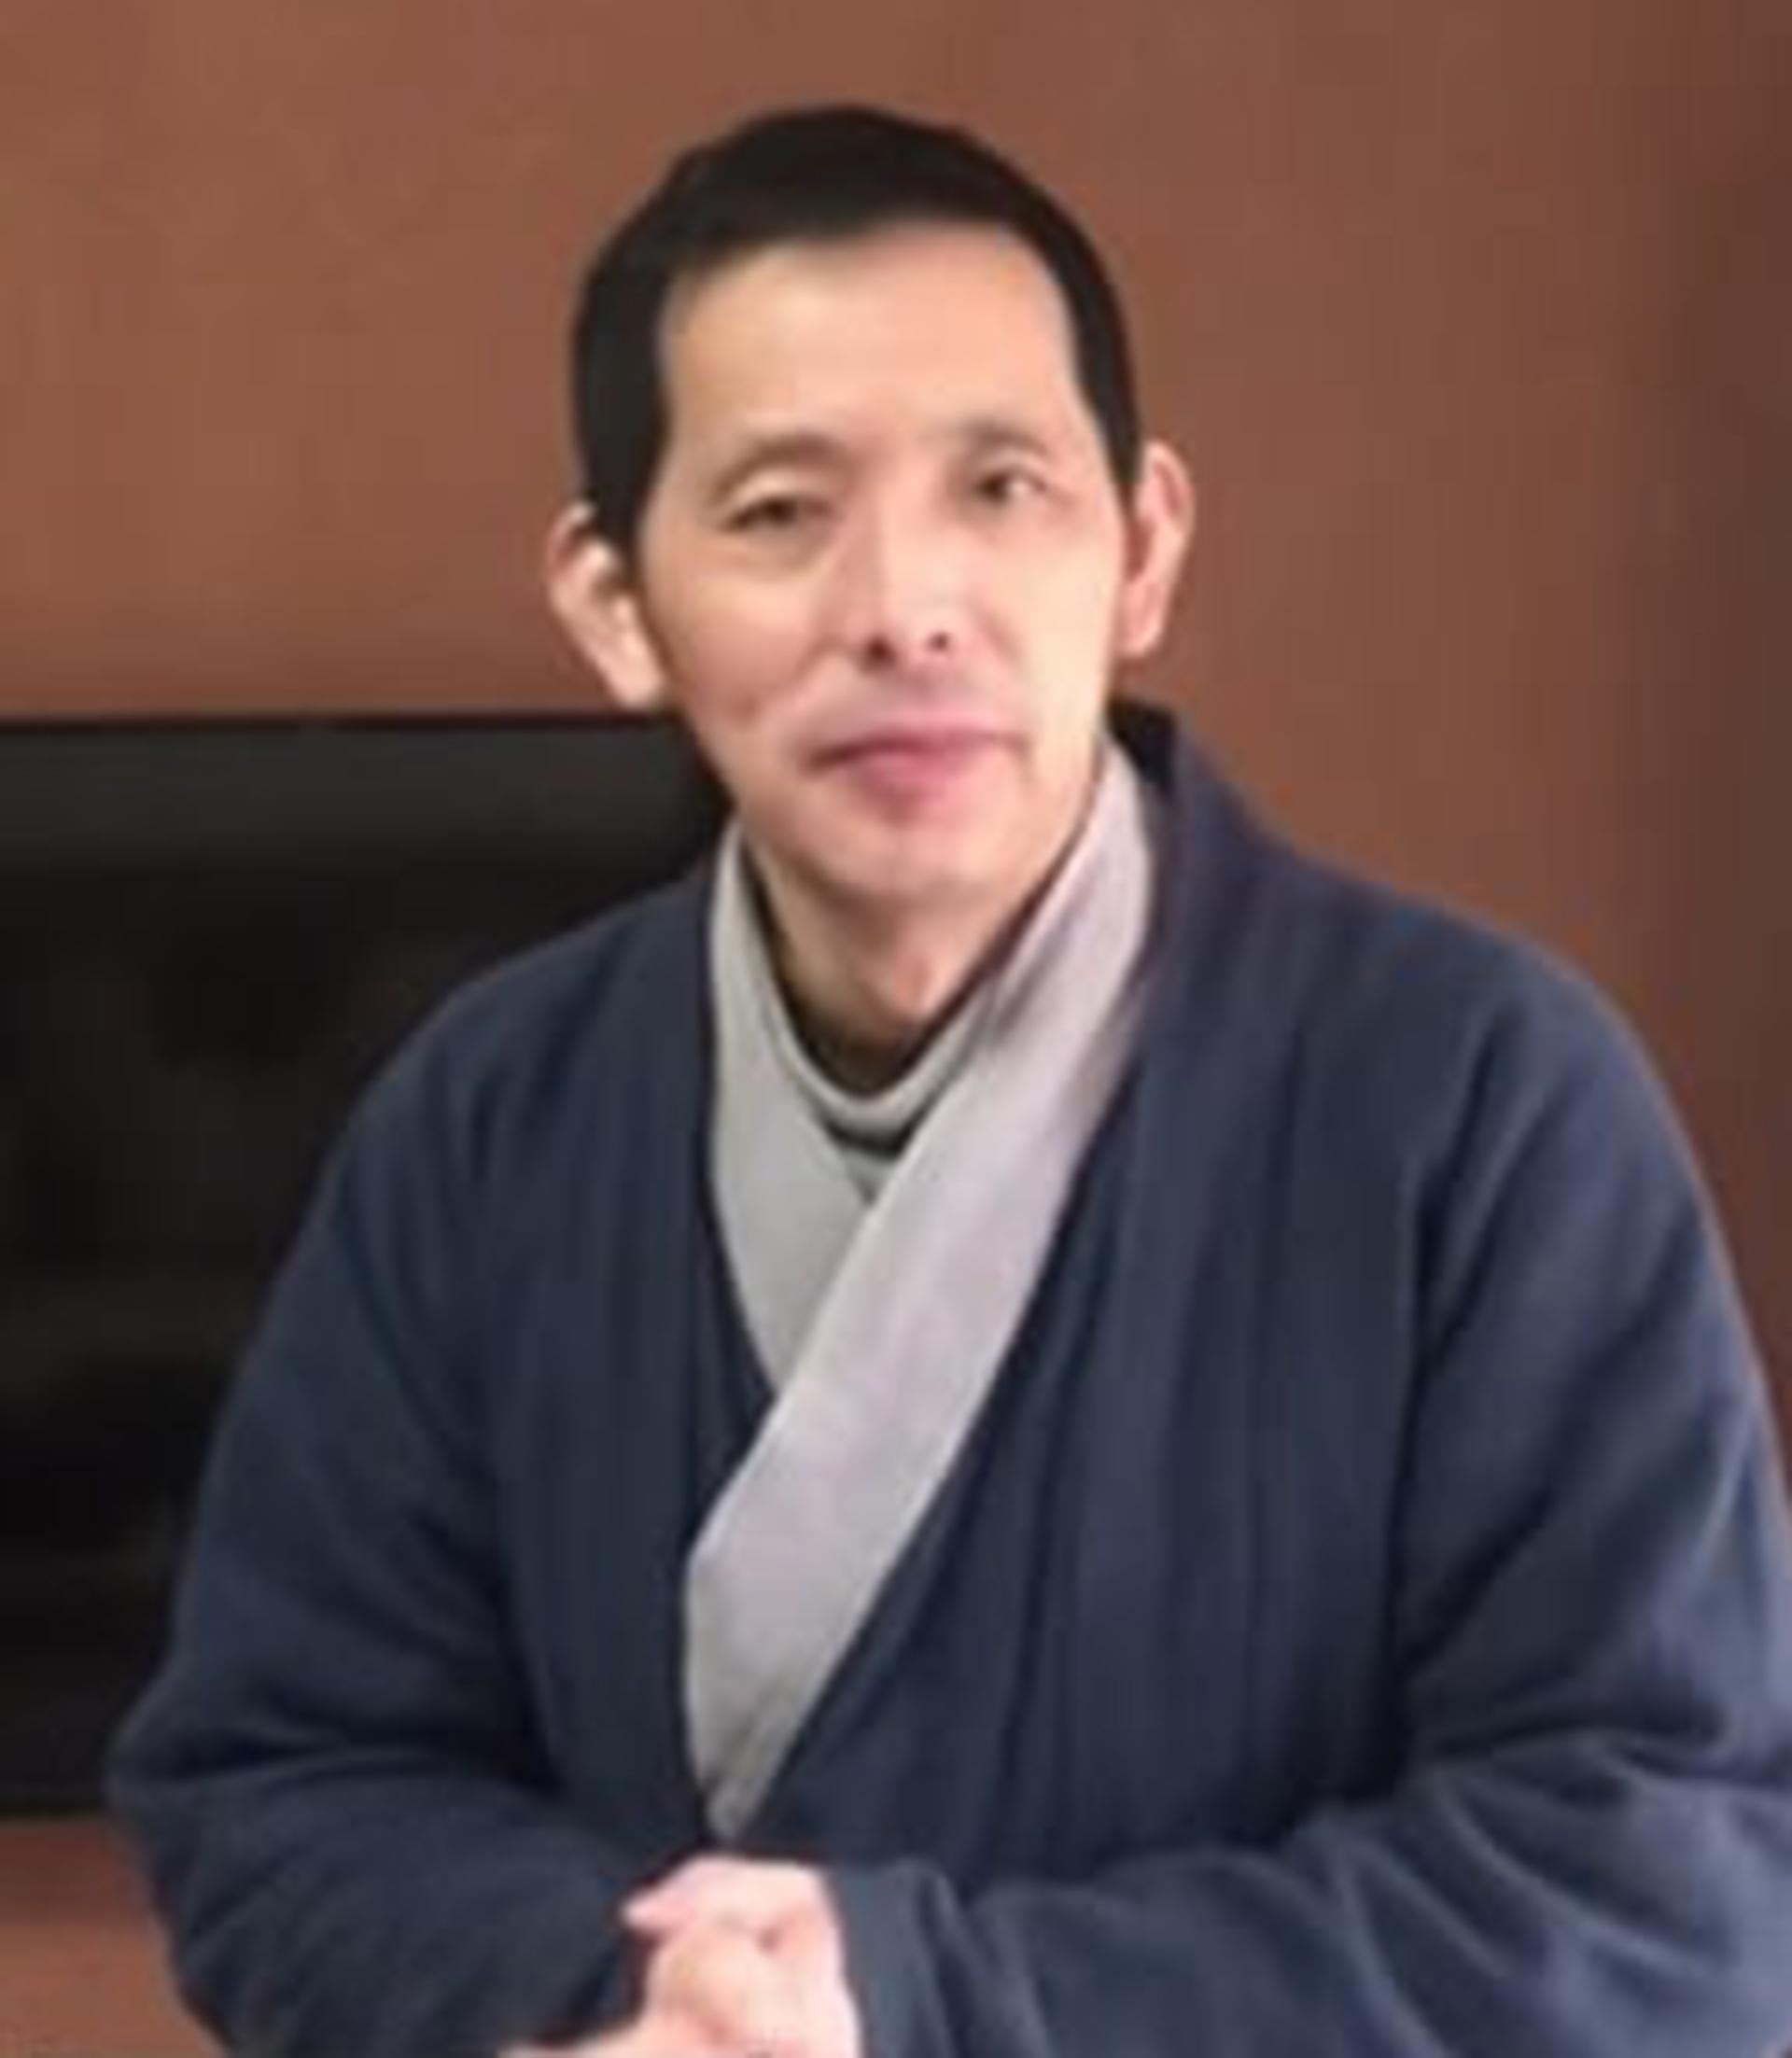 El empresario Fang Bin está desaparecido por denunciar las mentiras del régimen chino sobre el coronavirus